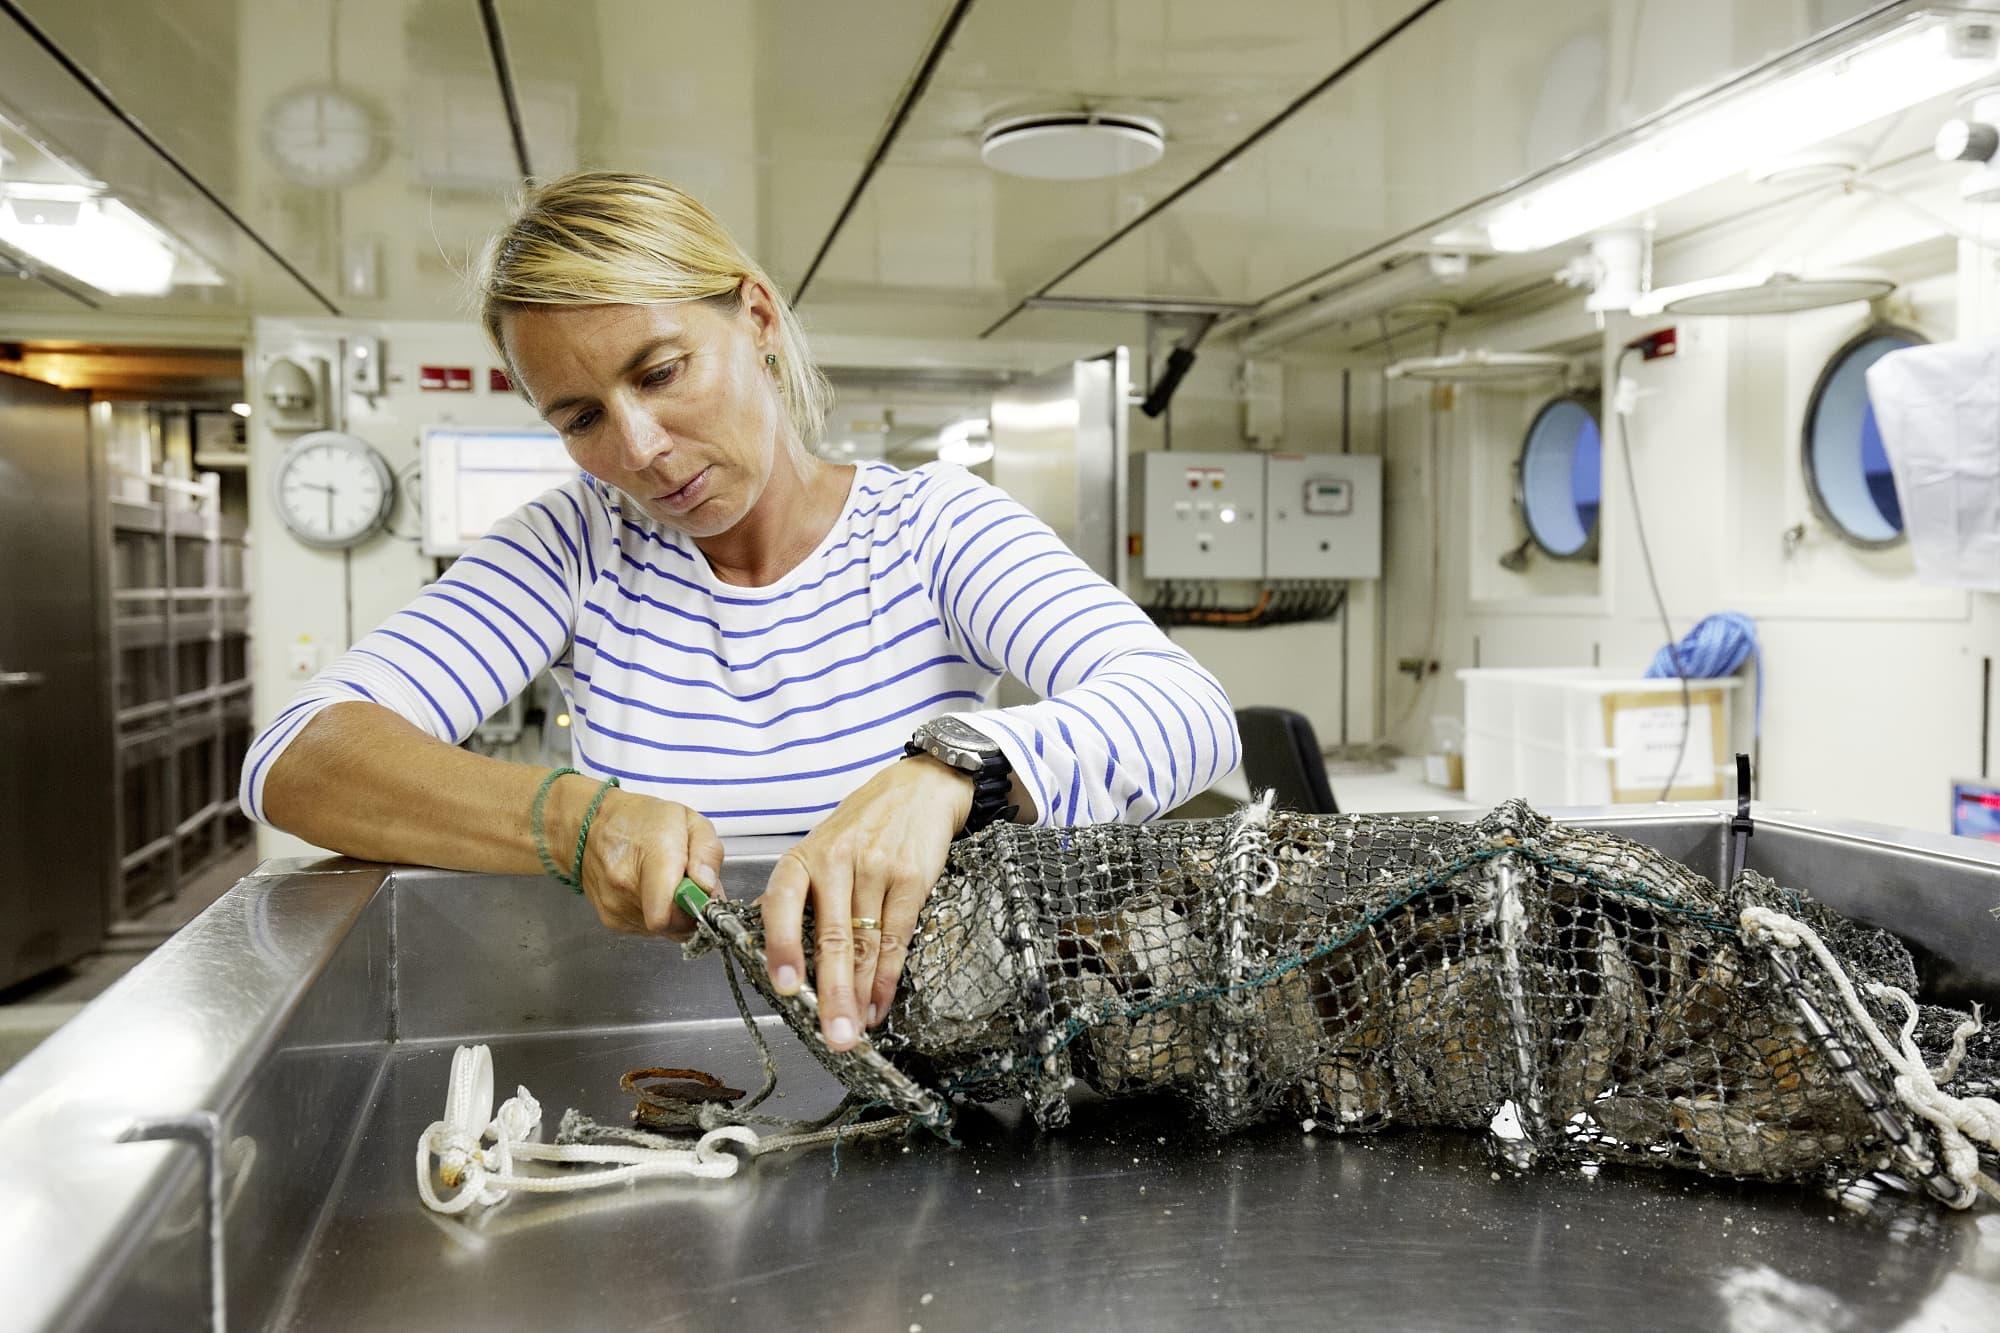 Bernadette Pogoda füllt Austernschalen in Netze